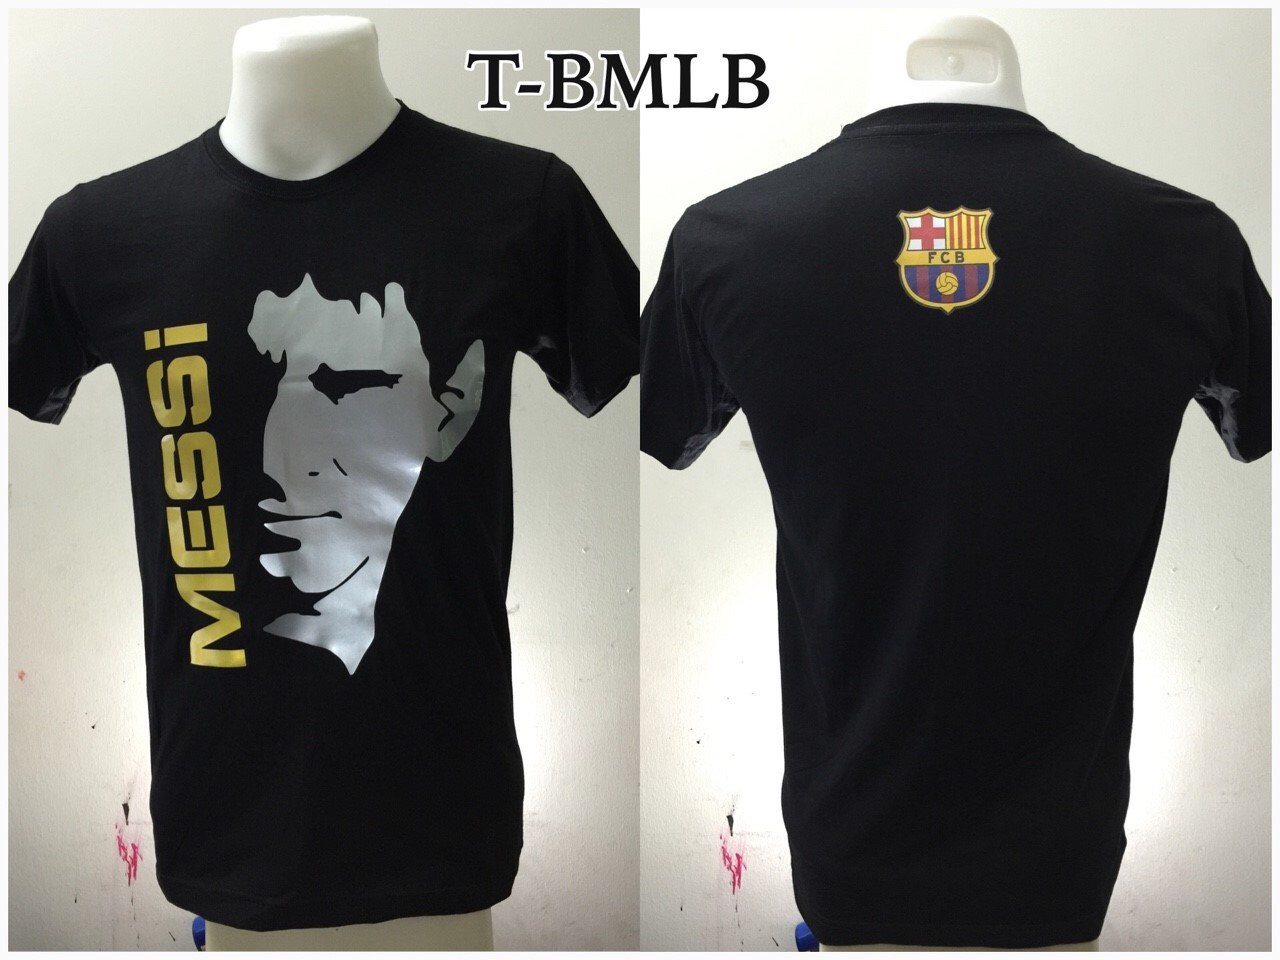 เสื้อยืด บาร์เซโลน่า ลาย เลียวเนล เมสซี สีดำ T-BNMB